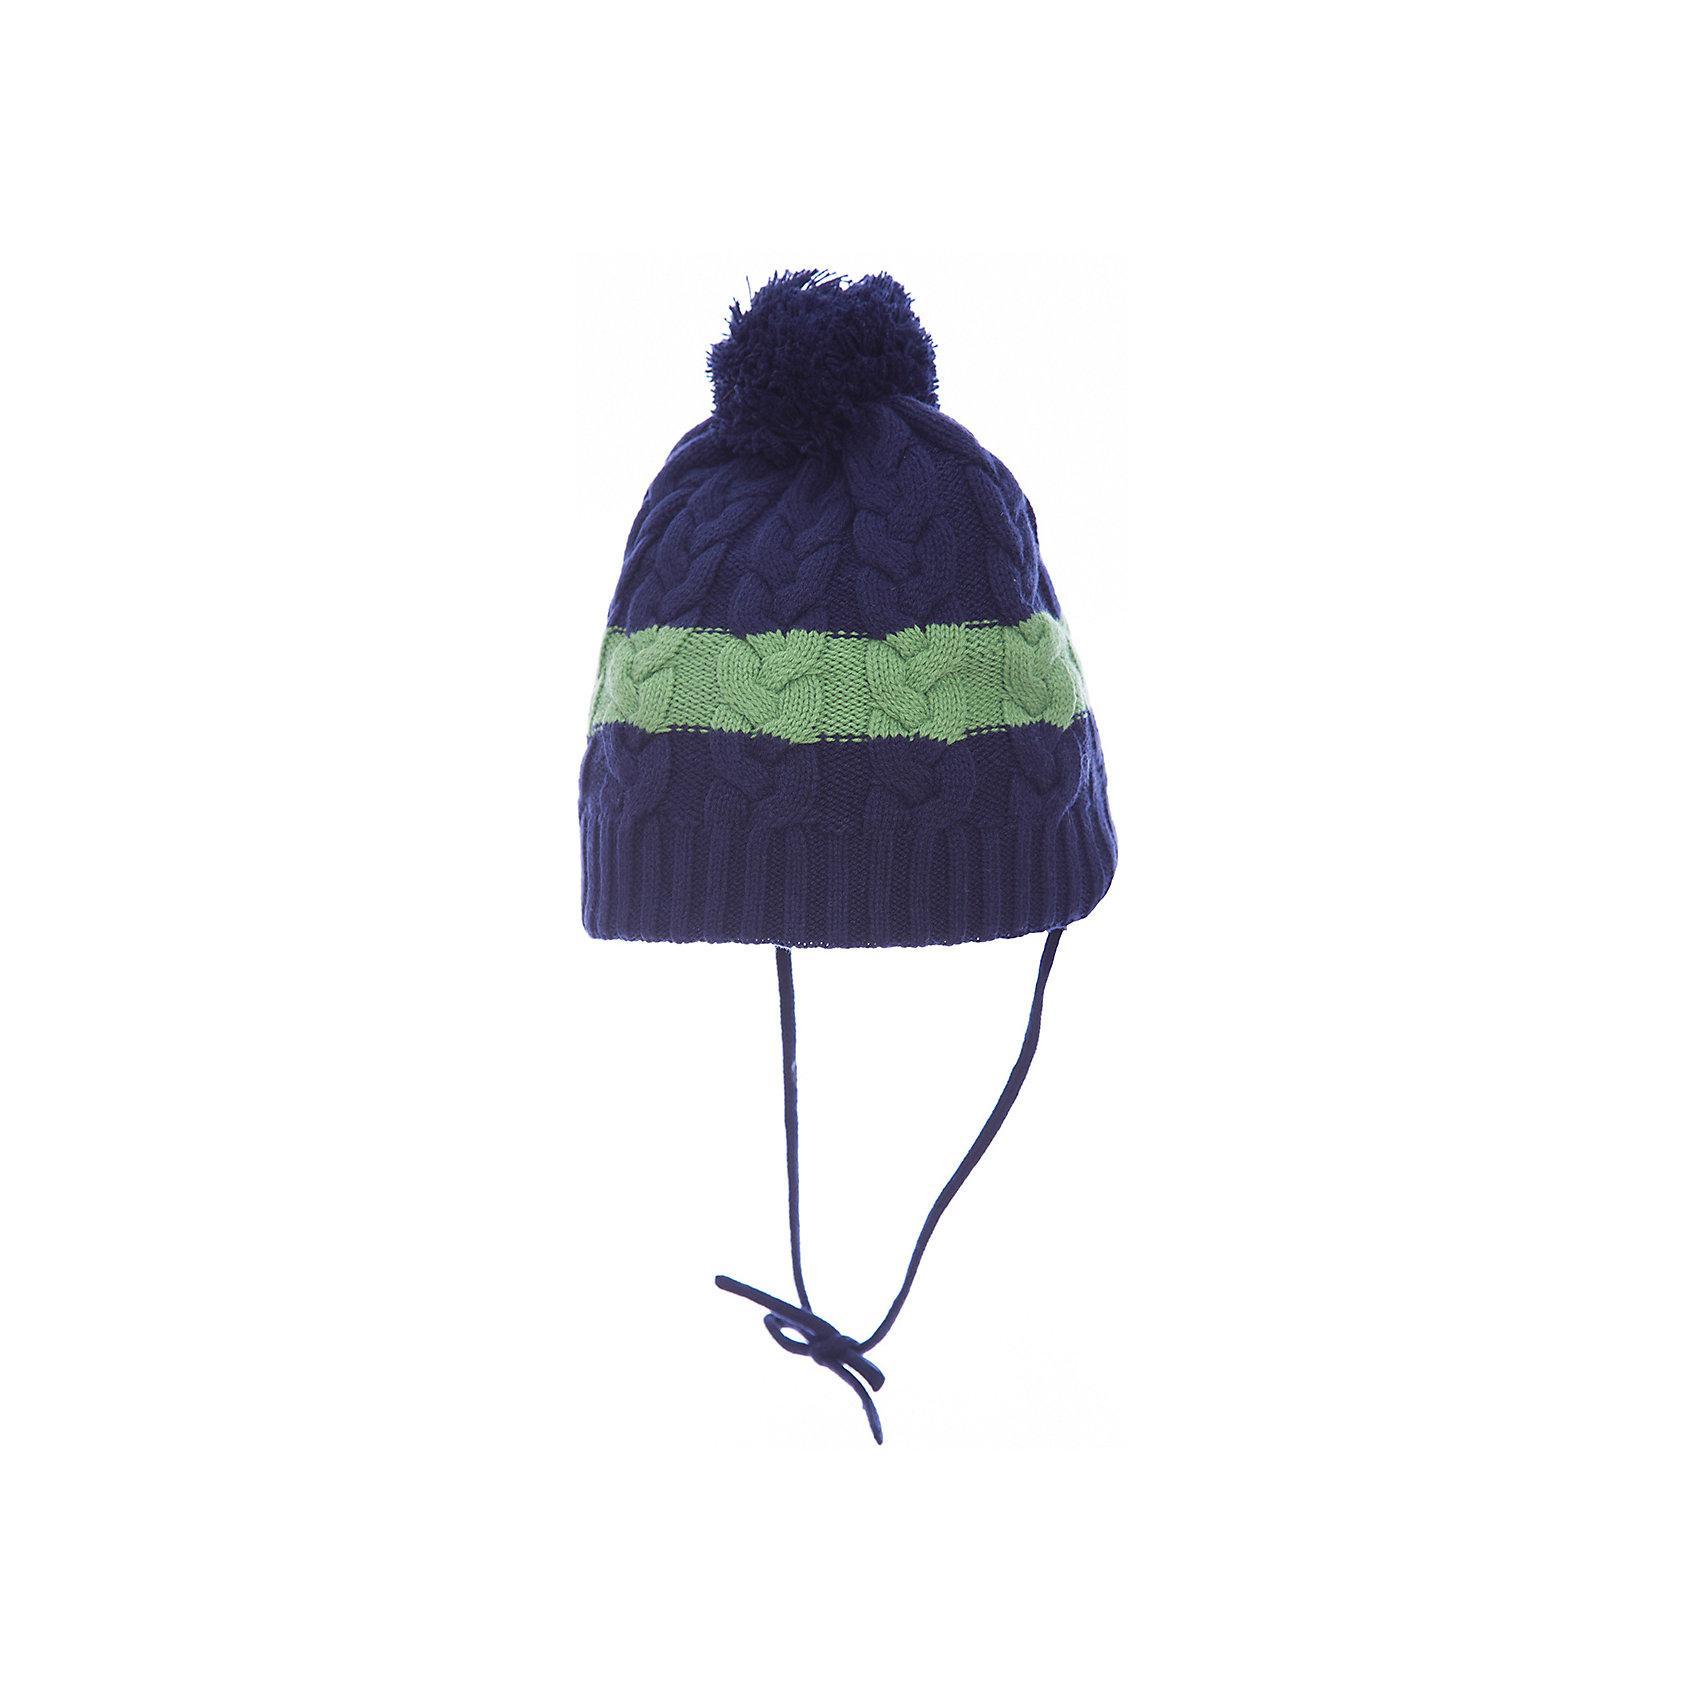 Шапка PlayToday для мальчикаГоловные уборы<br>Шапка PlayToday для мальчика<br>Двуслойная вязаная шапка - отличное решение для прогулок в холодную погоду.  Модель на завязках. Шапка плотно прилегает к голове и комфортна при носке. Модель выполнена в технике yarn dyed - в процессе производства используются разного цвета нити. При рекомендуемом уходе изделие не линяет и надолго остается в первоначальном виде.<br>Состав:<br>60% хлопок, 40% акрил<br><br>Ширина мм: 89<br>Глубина мм: 117<br>Высота мм: 44<br>Вес г: 155<br>Цвет: белый<br>Возраст от месяцев: 72<br>Возраст до месяцев: 84<br>Пол: Мужской<br>Возраст: Детский<br>Размер: 54,50,52<br>SKU: 7110897